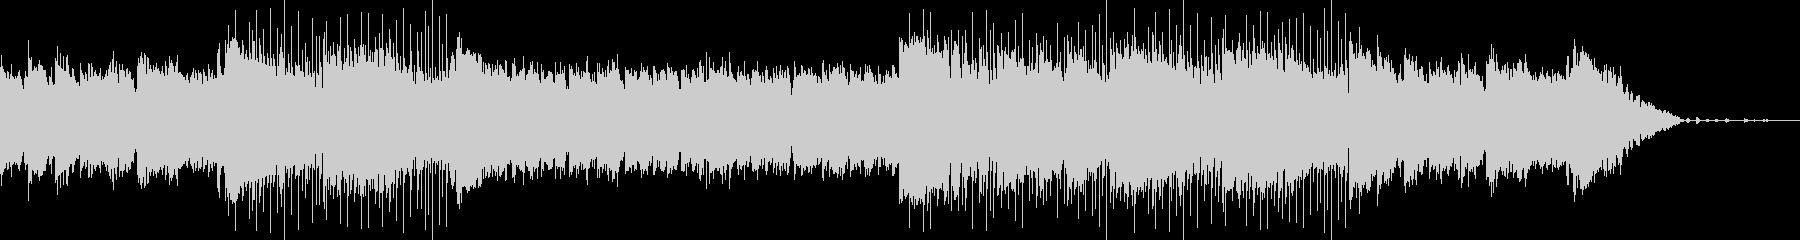 穏やかな生演奏アコギによるボサノバの未再生の波形